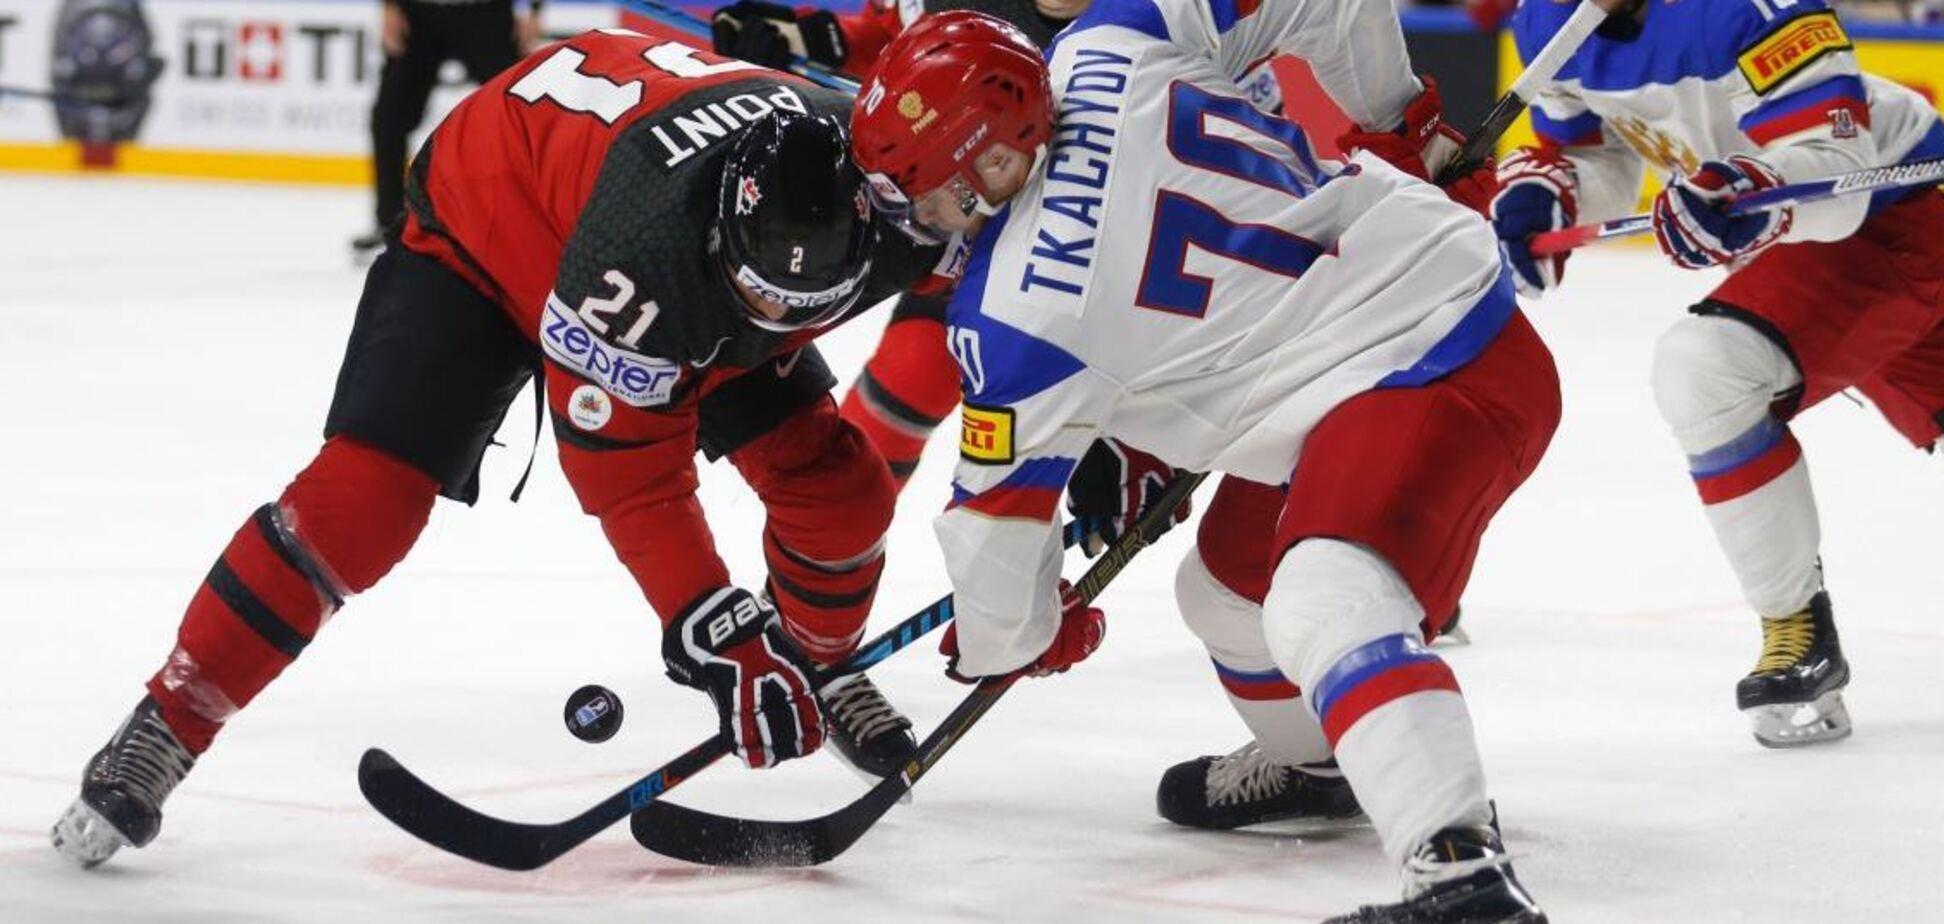 Де дивитися Росія - Канада: розклад трансляцій матчу ЧС-2018 з хокею